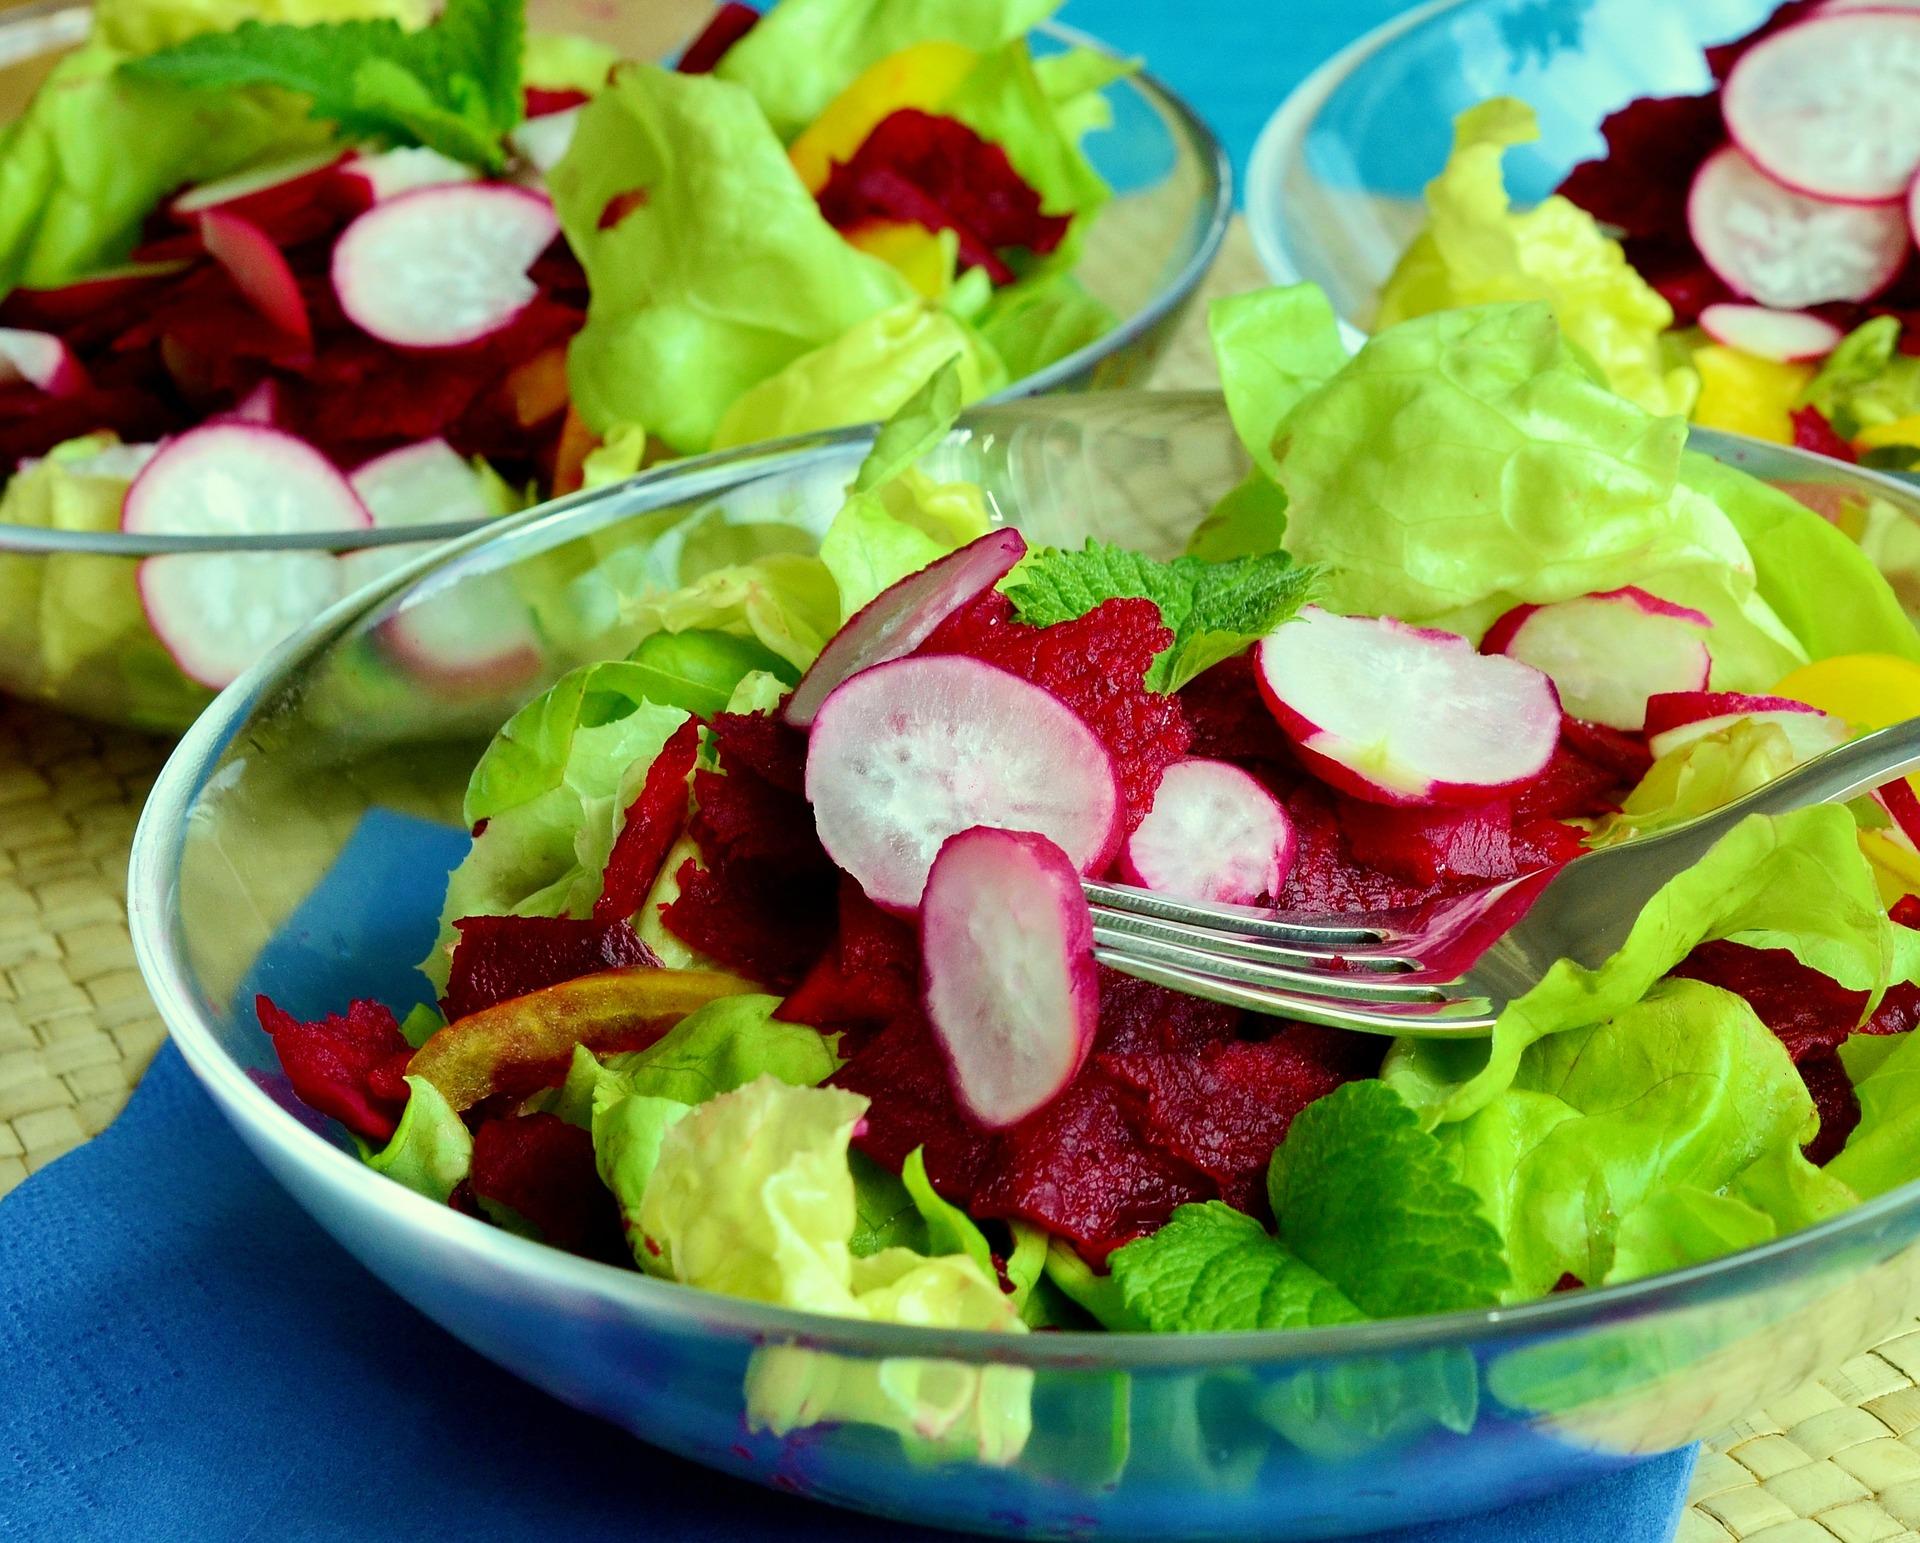 salata verde cu ridici si ceapa - sfatulparintilor.ro - pixabay_com - salad-753971_1920